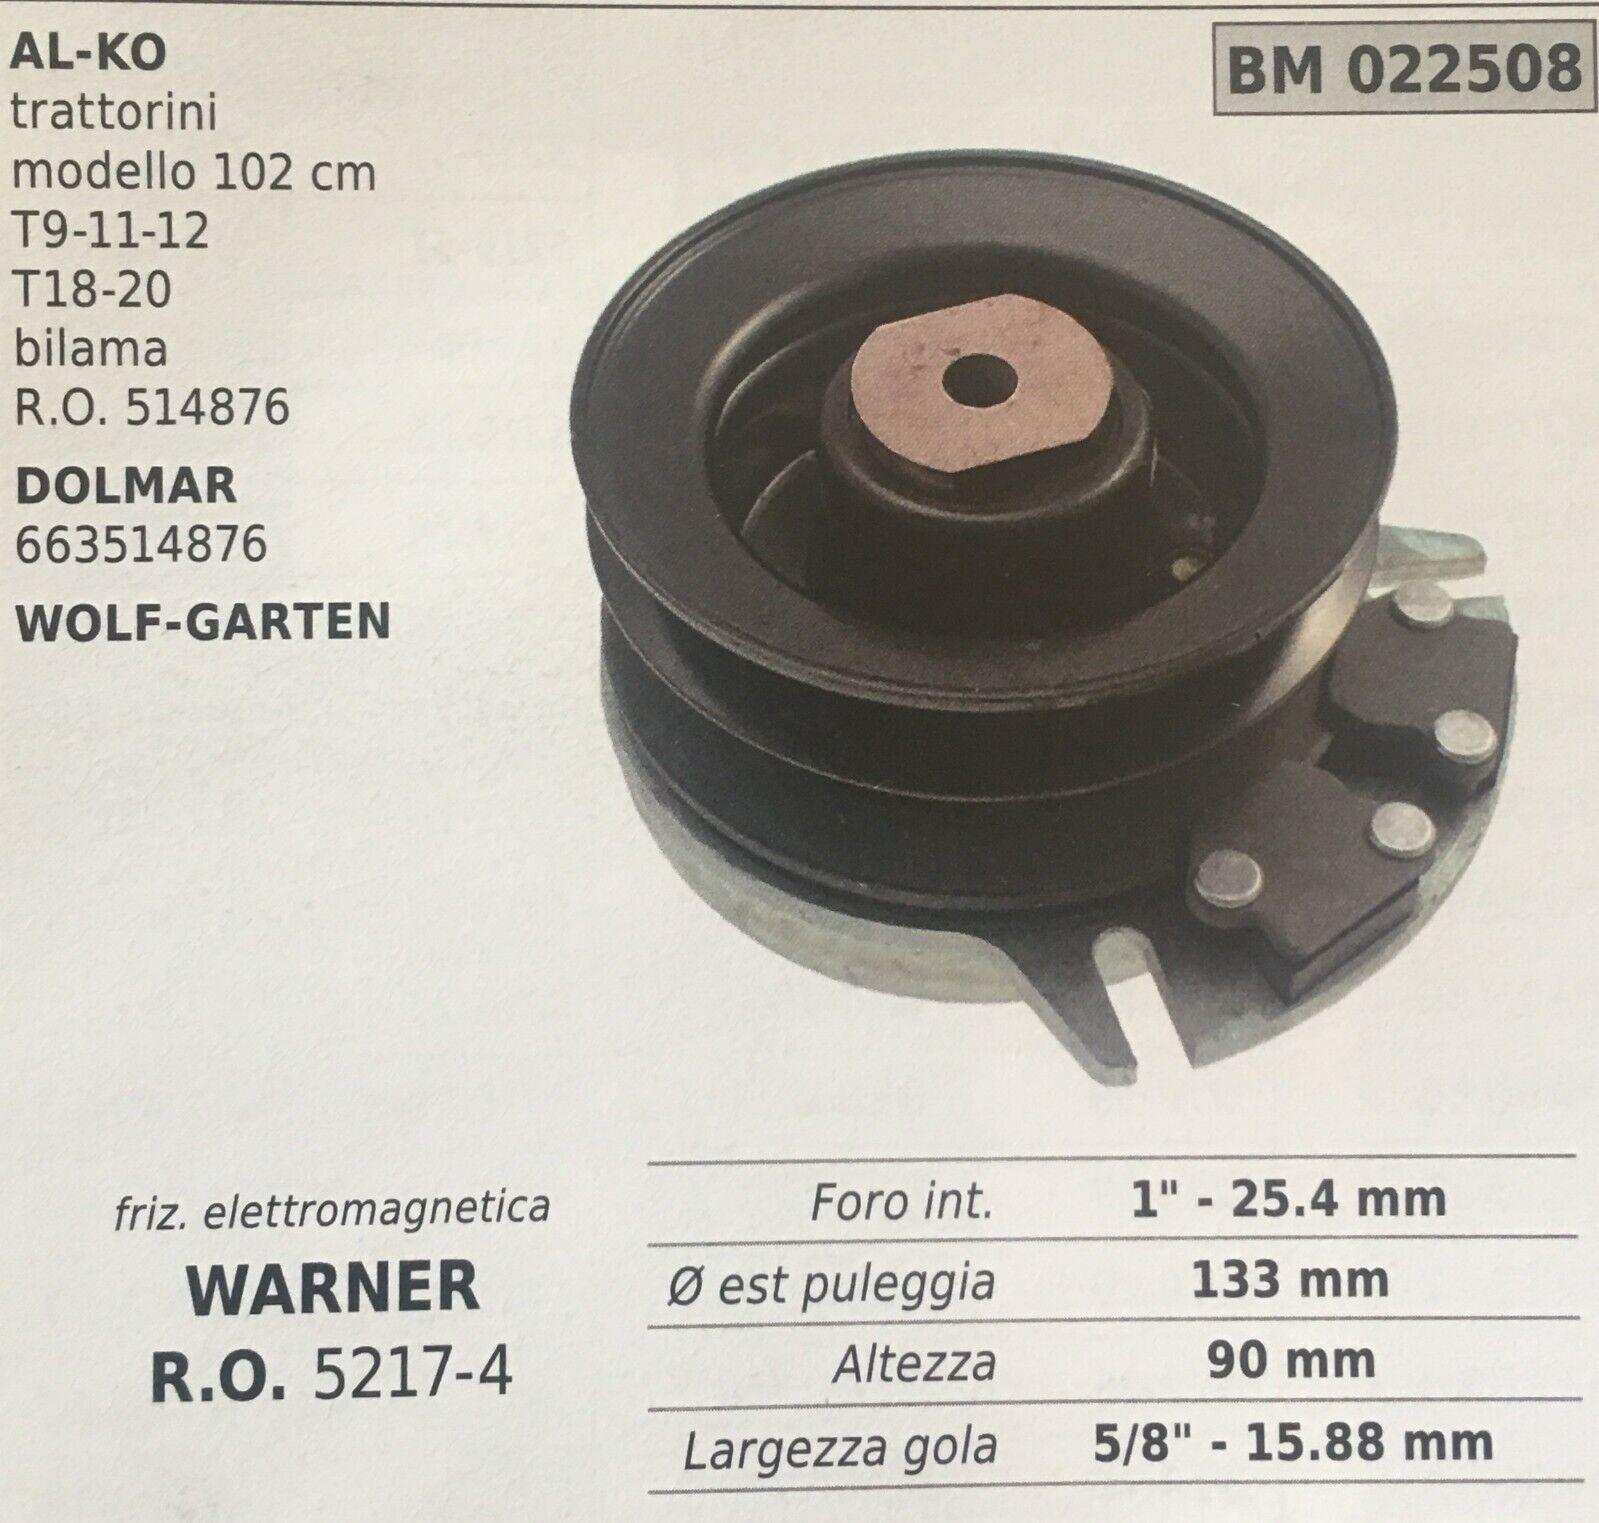 FRIZIONE ELETTROMAGNETICA BRUMAR BM022508 AL-KO DOLMAR - WOLF-GARTEN